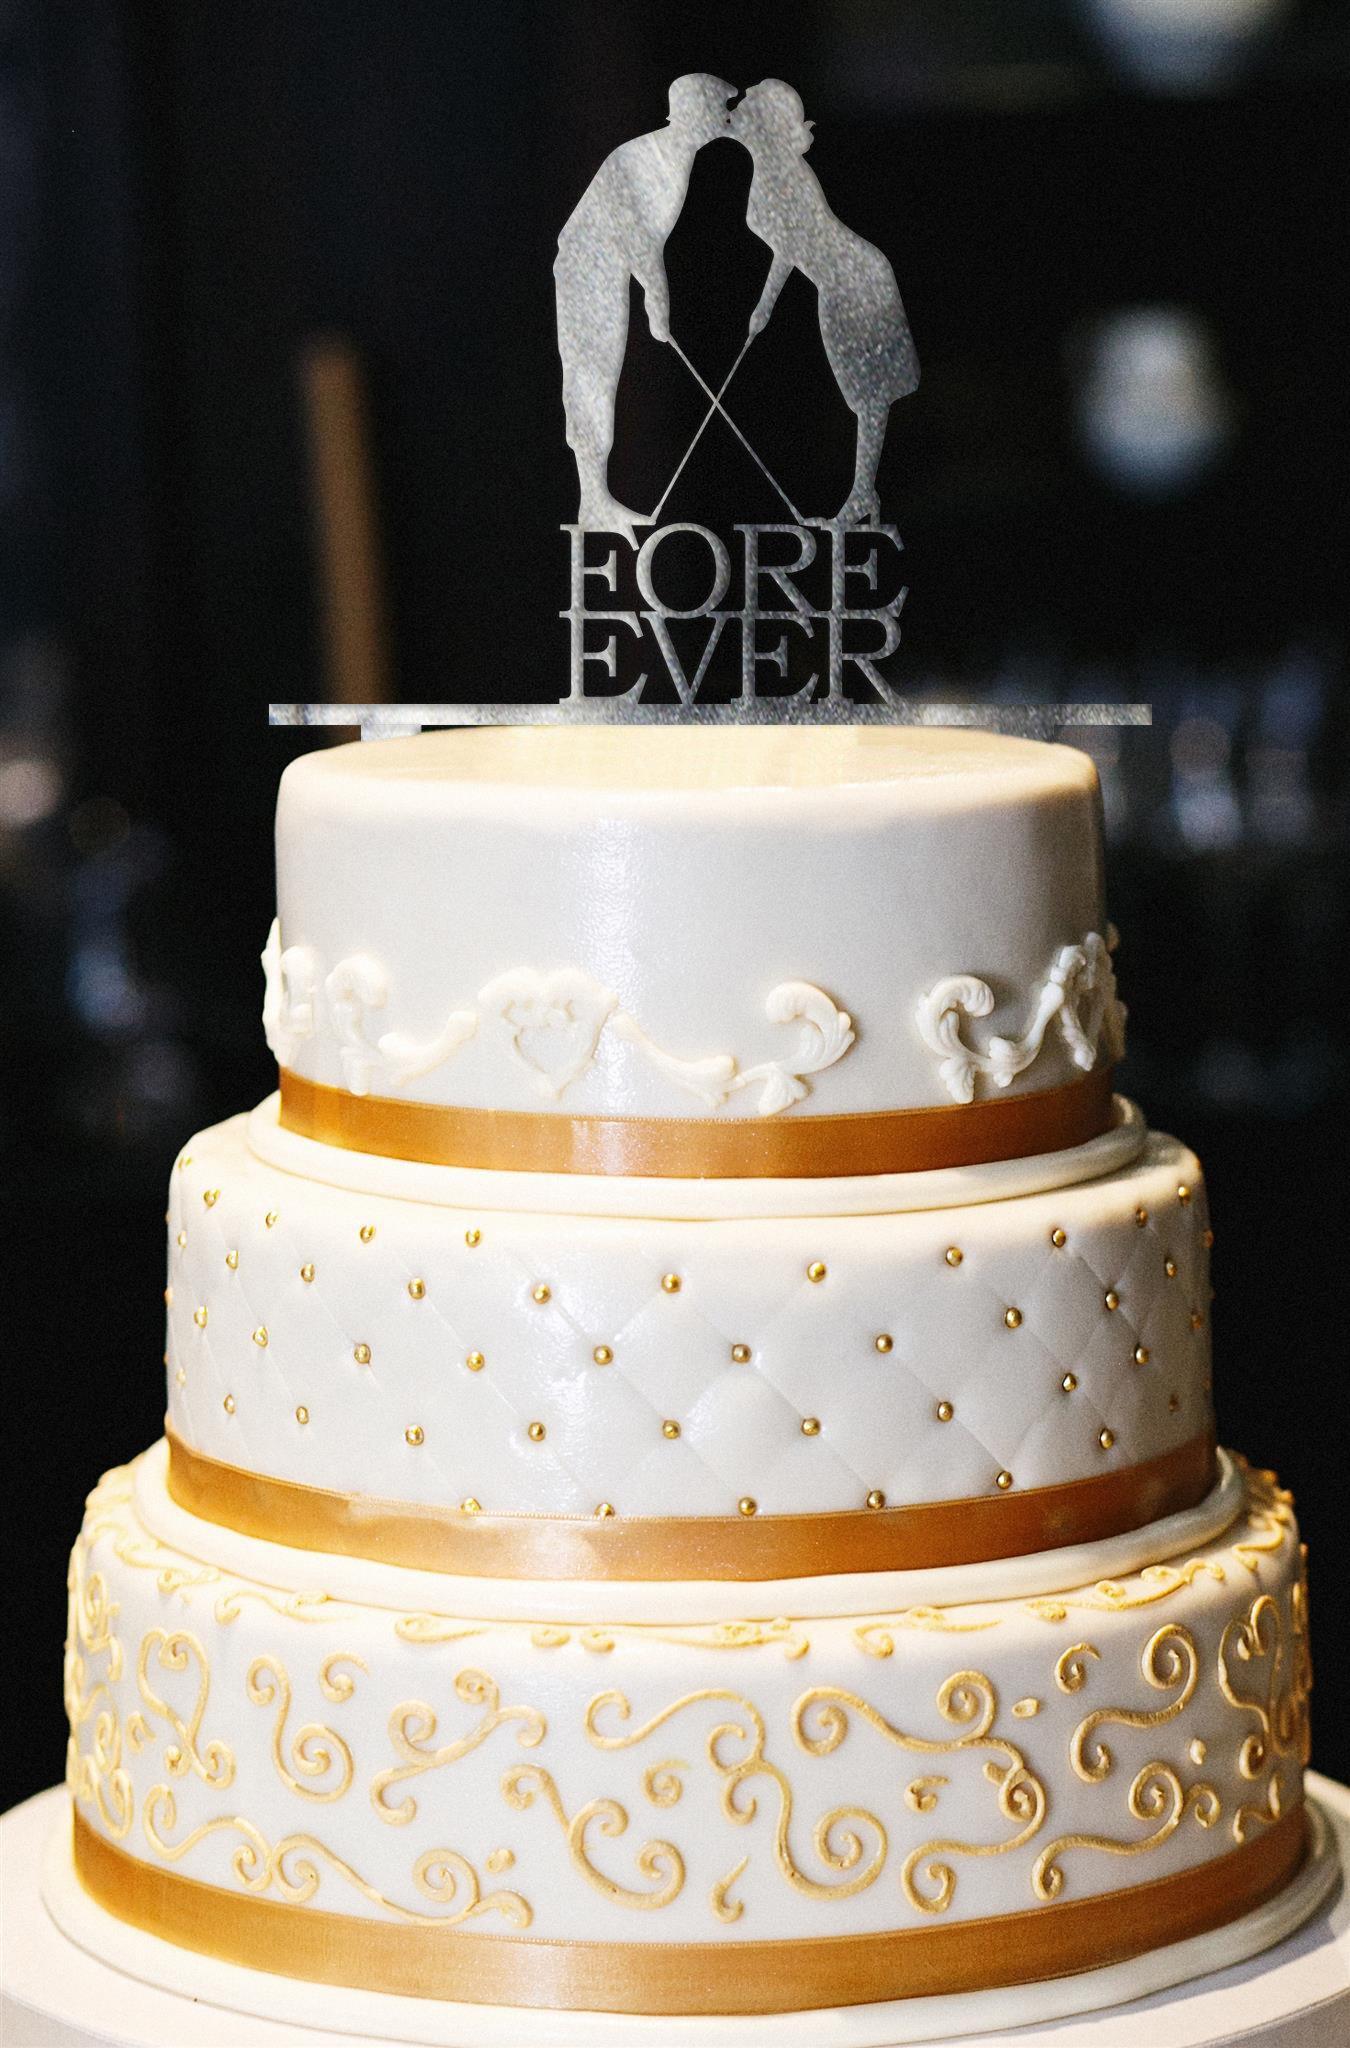 Fore Ever Golf Wedding Cake Topper, Glitter Wedding Cake Topper, Golf Cake Topper, Gold Glitter Wedding Cake Topper, Wedding Decor (13'', Pearl Smoke)